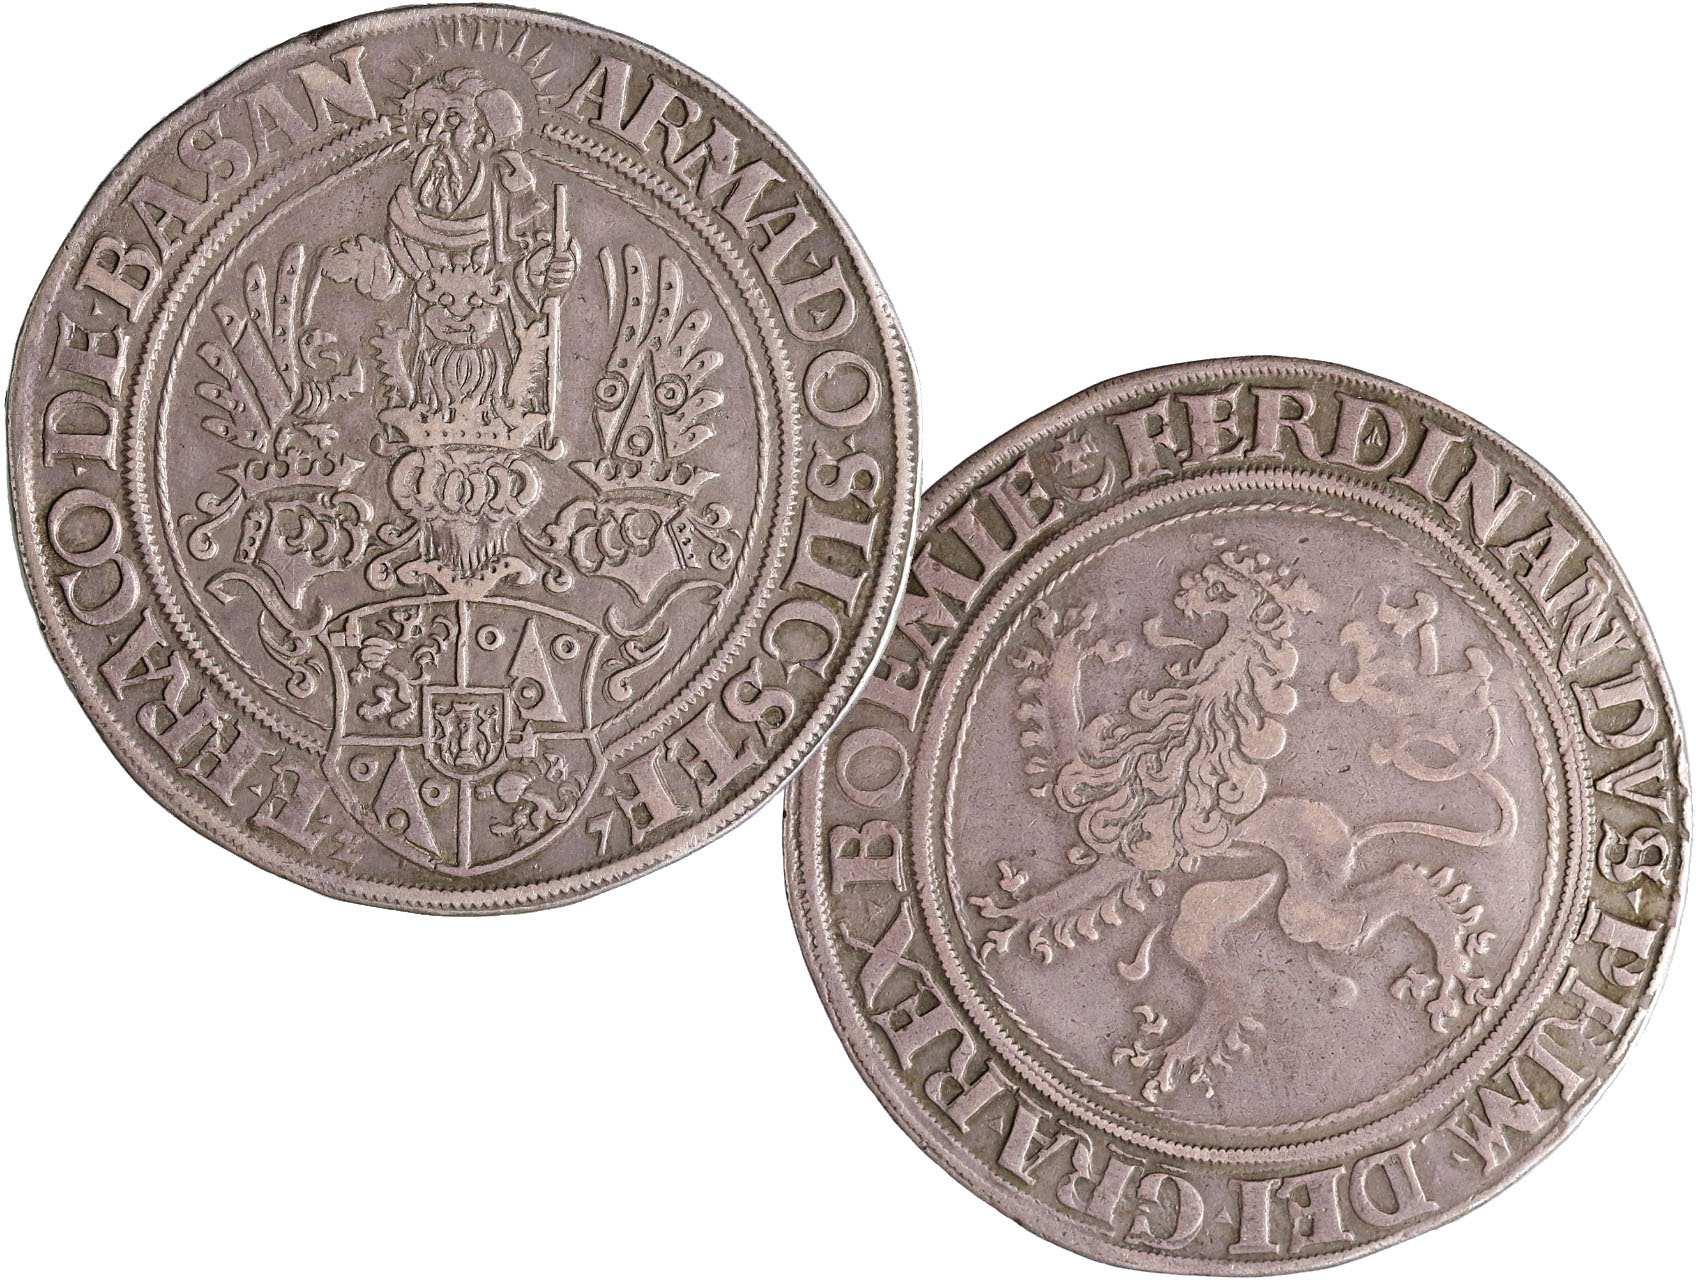 Šlik Štěpán (1505 - 1526), Tolar 1527 Jáchymov - Gebhart, 28,81g, Pol. 155, dvojráz v opise na A